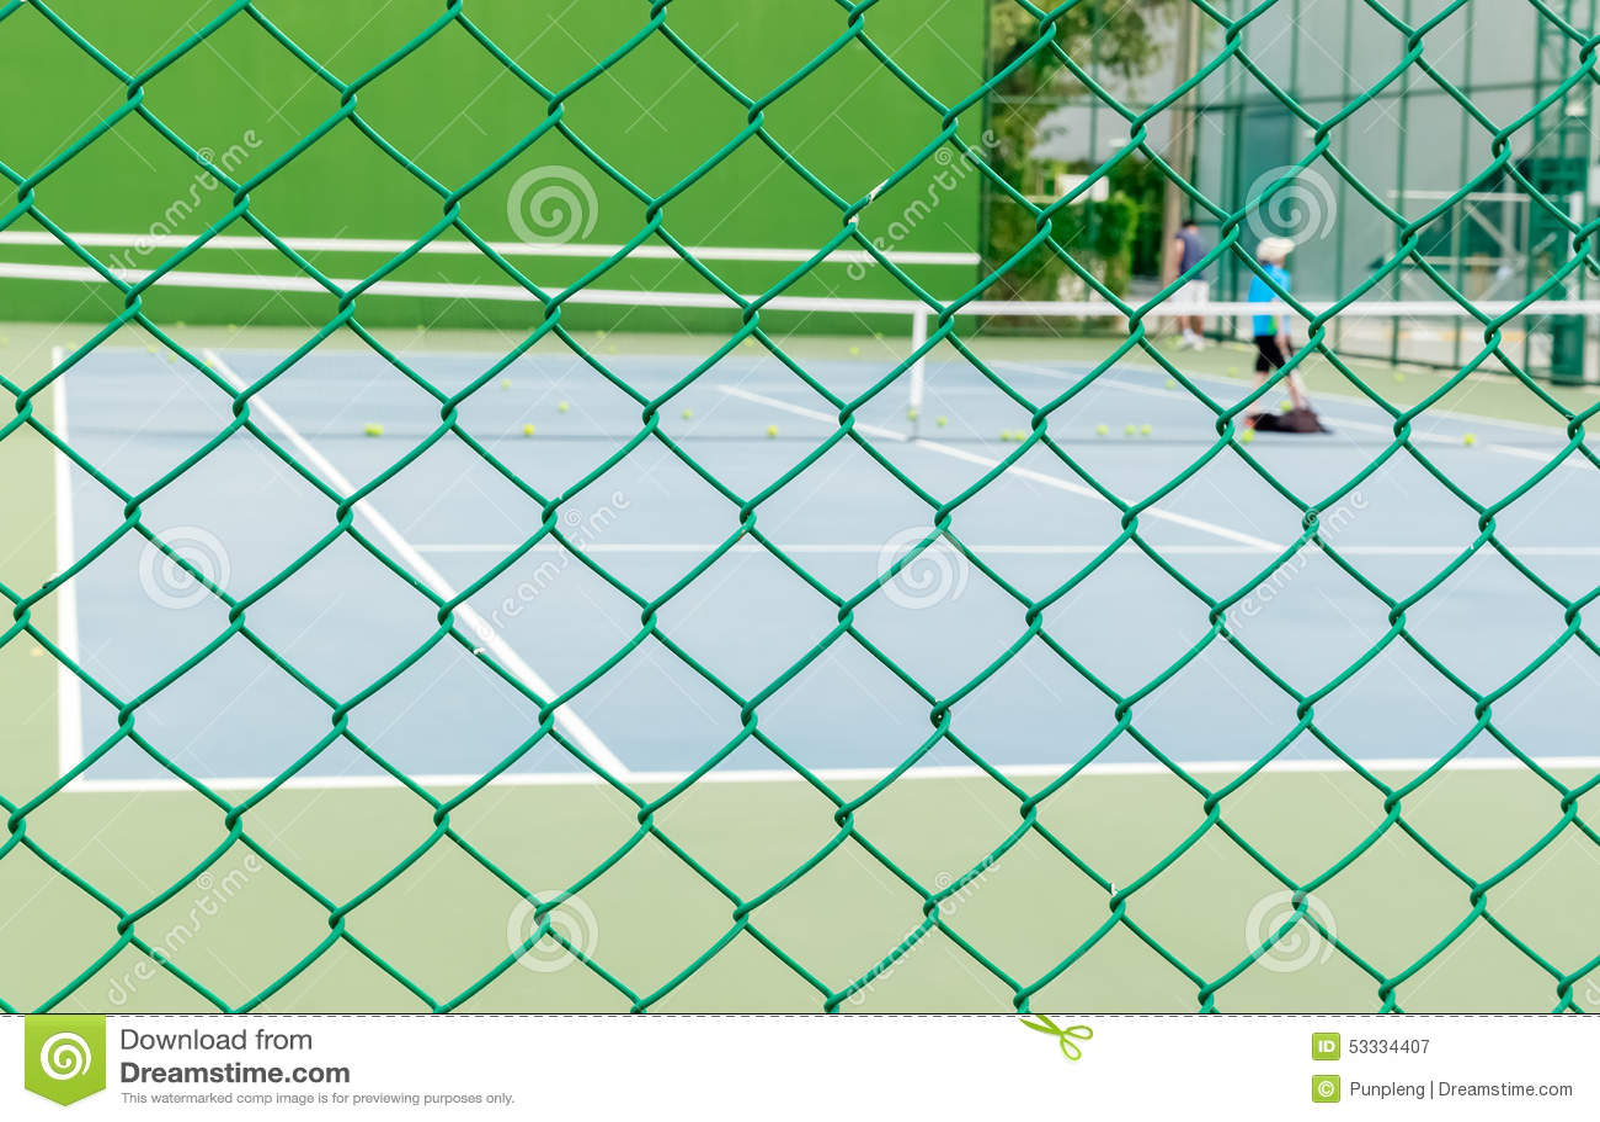 Grüner Draht-Zaun Mit Tennisplatz-Hintergrund Stockbild - Bild von ...